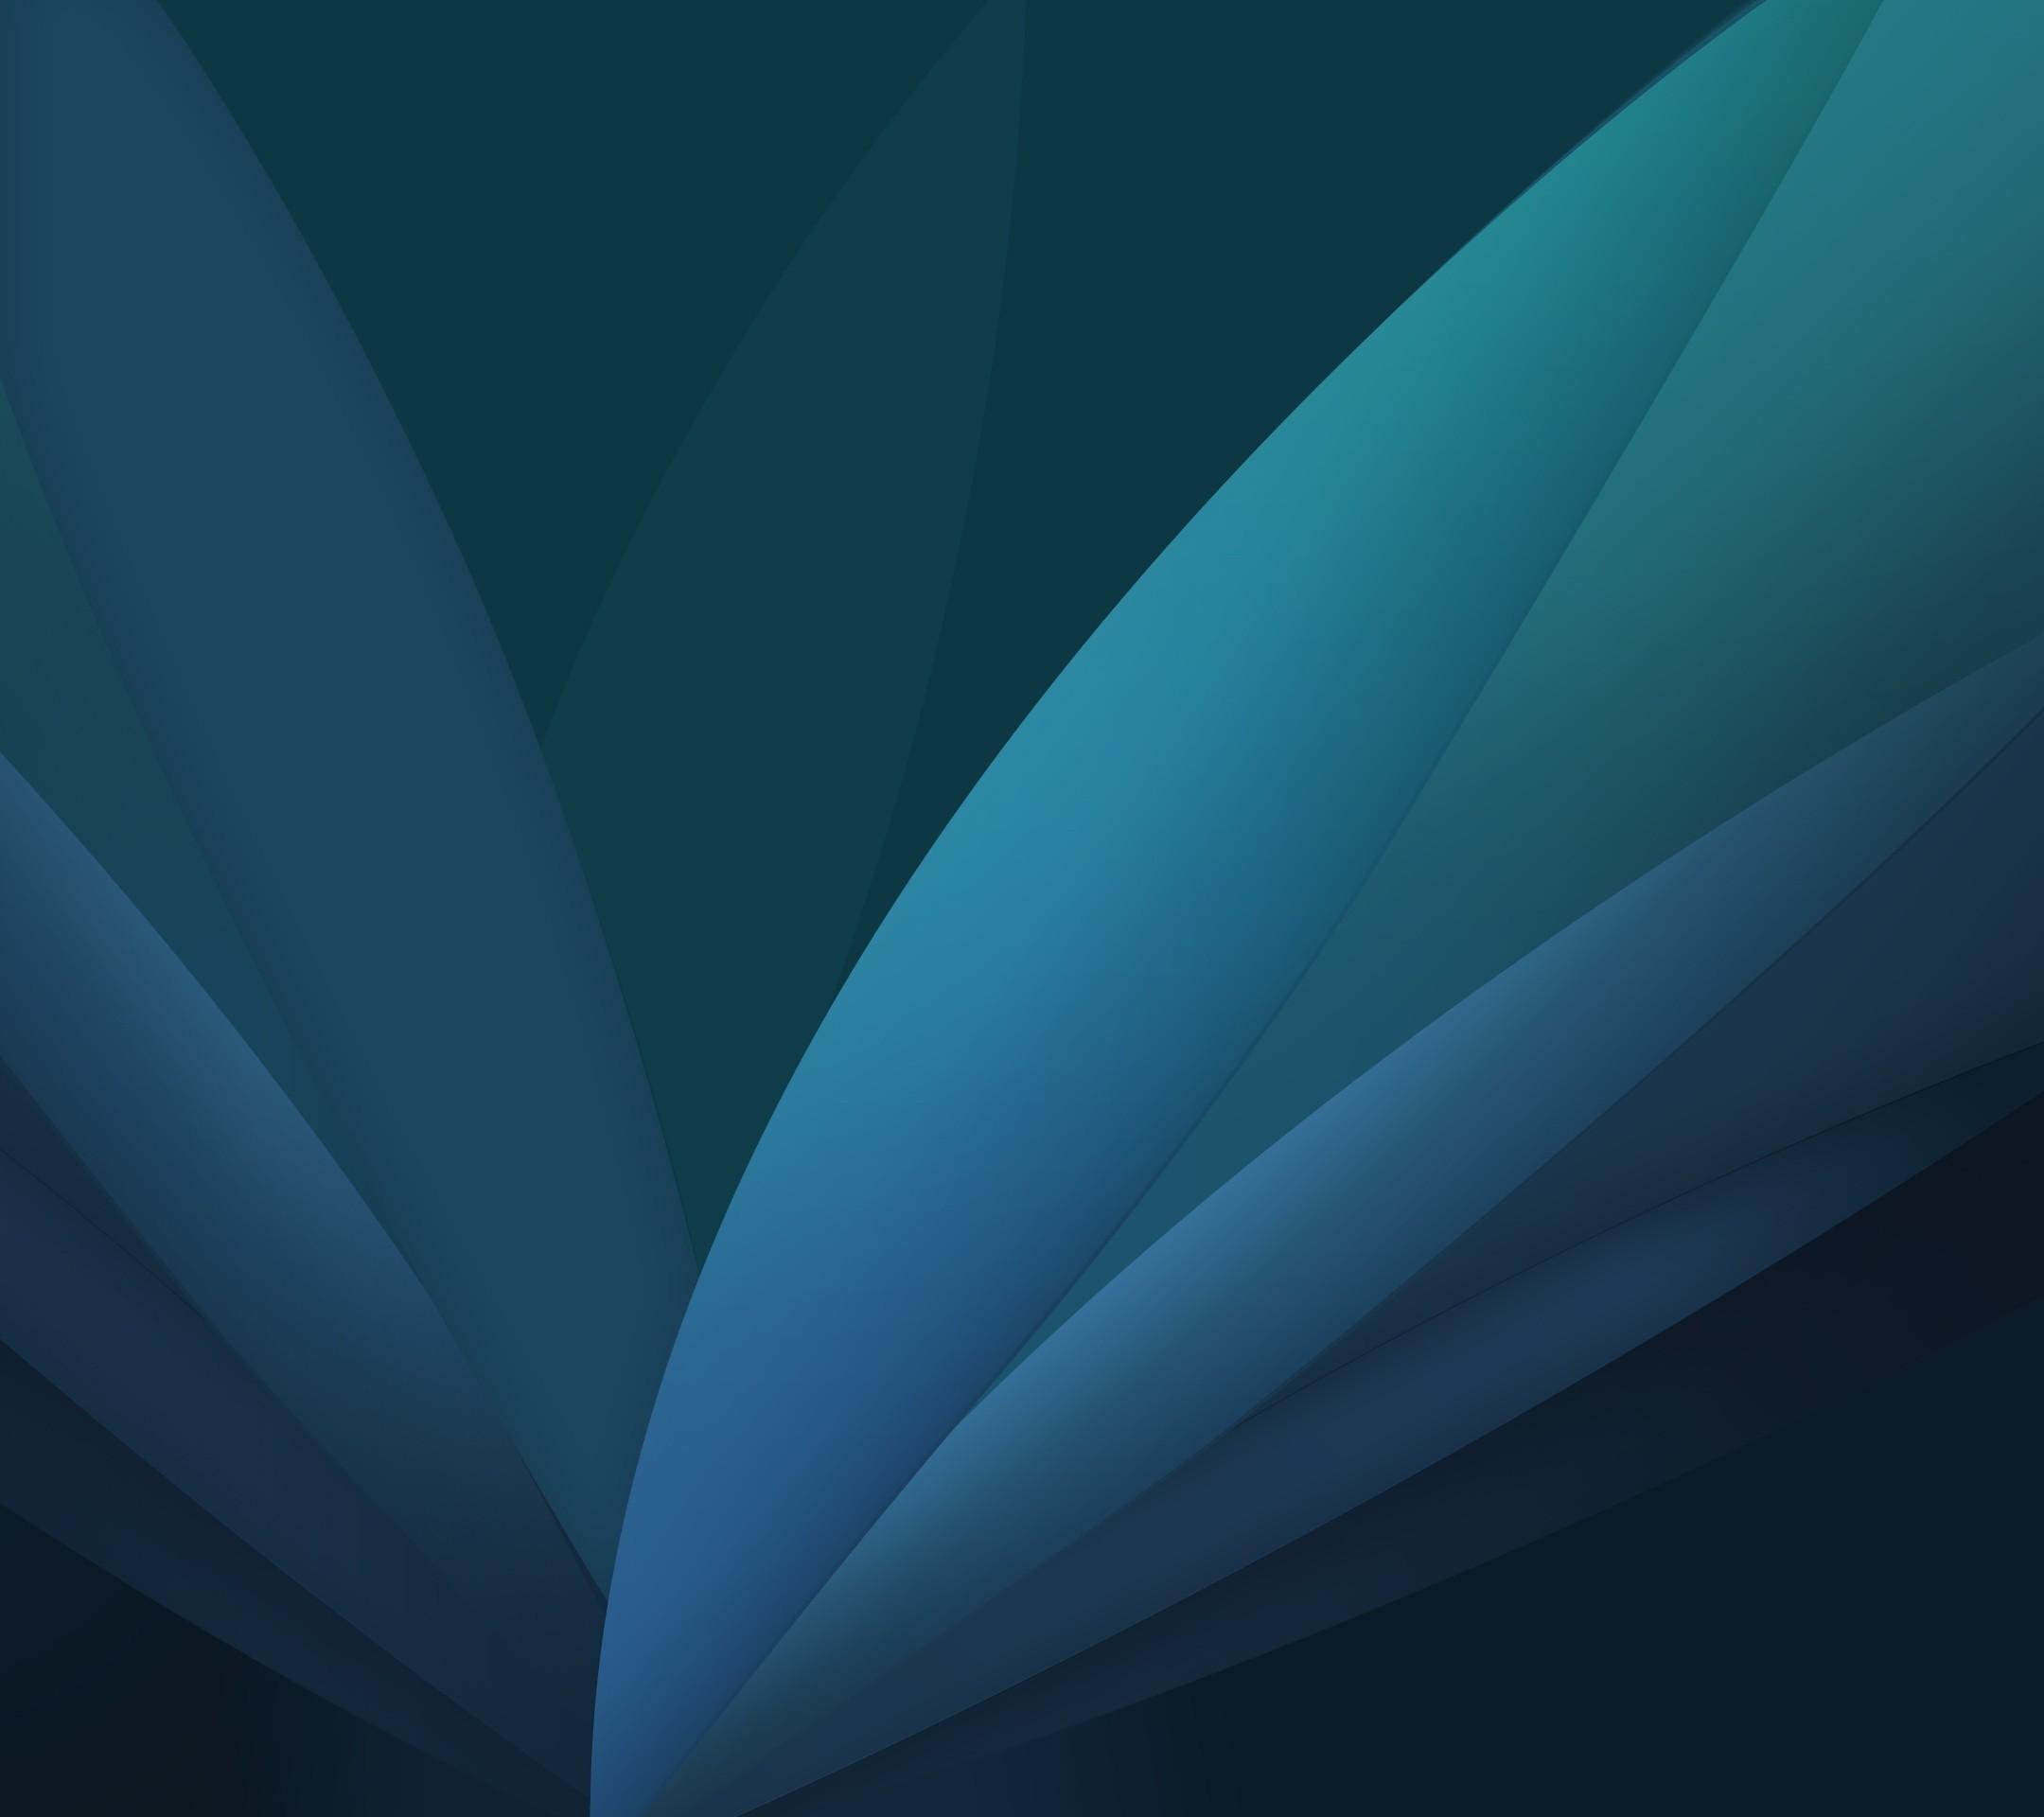 デスクトップ壁紙 日光 抽象 対称 緑 青 サークル 色 波 形状 設計 ライン 翼 スクリーンショット 2160x19 Px コンピュータの壁紙 2160x19 Wallpaperup 6271 デスクトップ壁紙 Wallhere